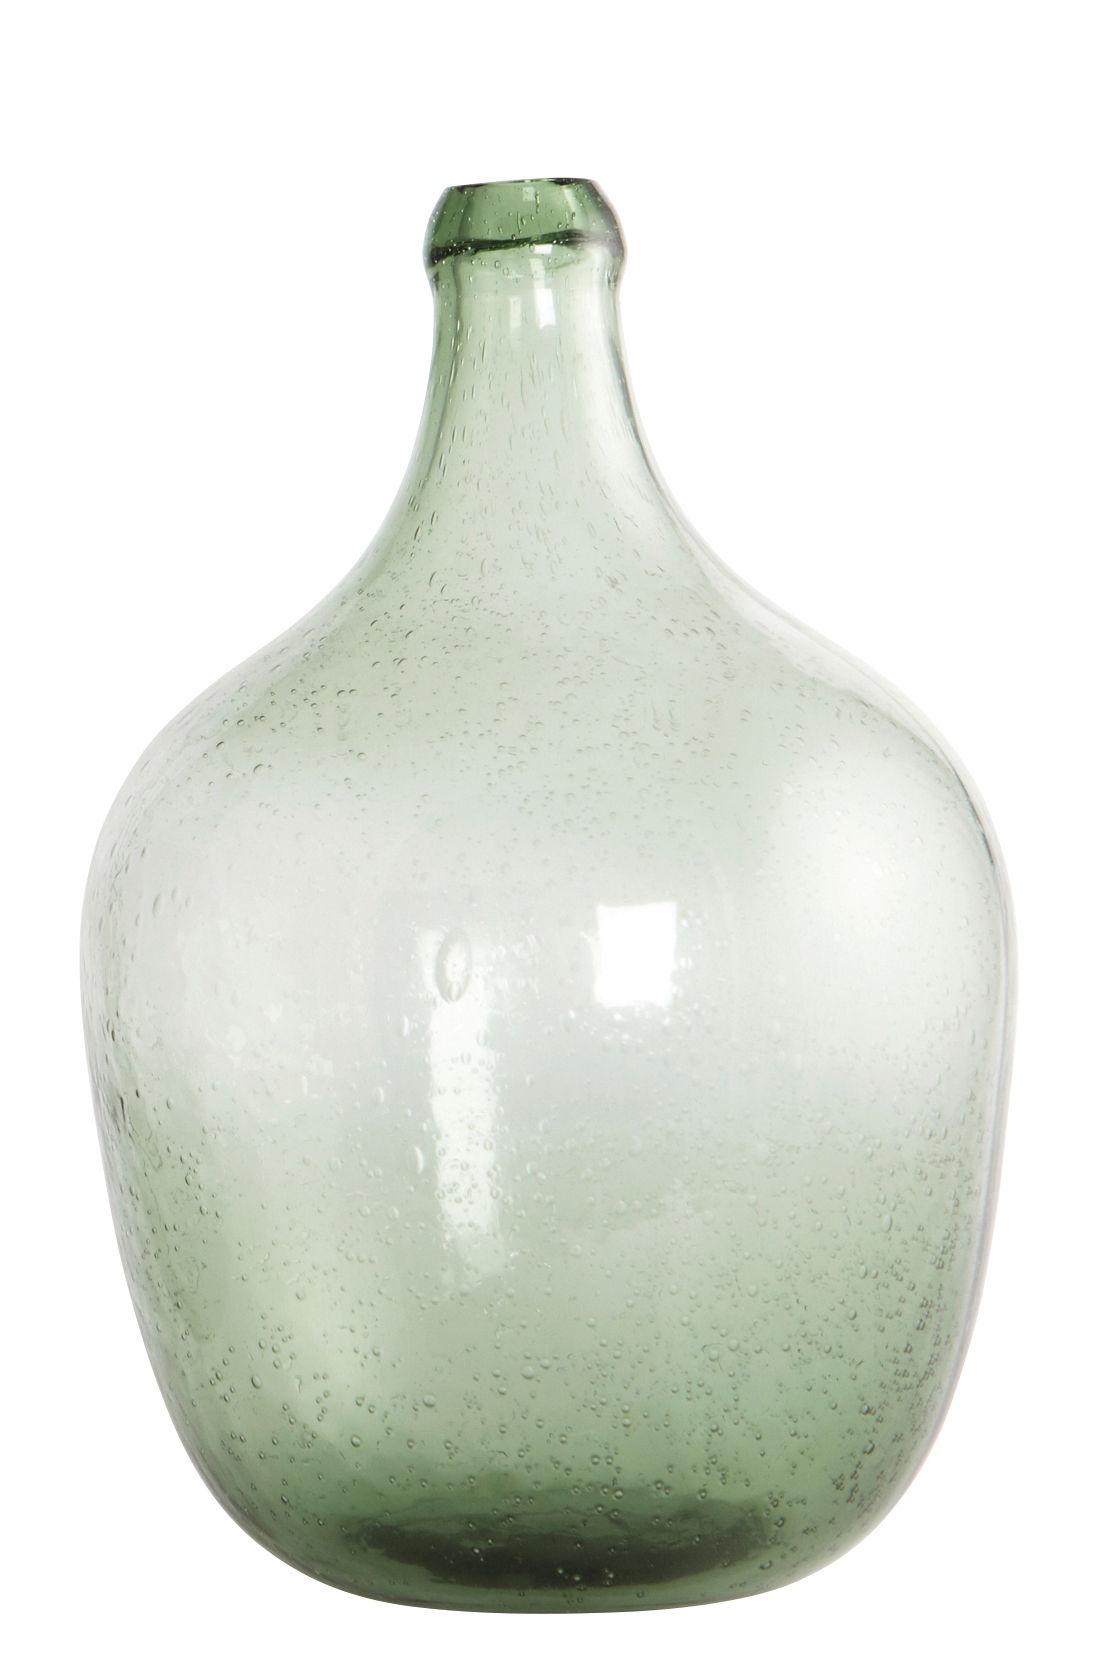 Dekoration - Vasen - Bottle Soliflore Ø 19,5 cm x H 28,5 cm - House Doctor - Hellgrün - mundgeblasenes Glas